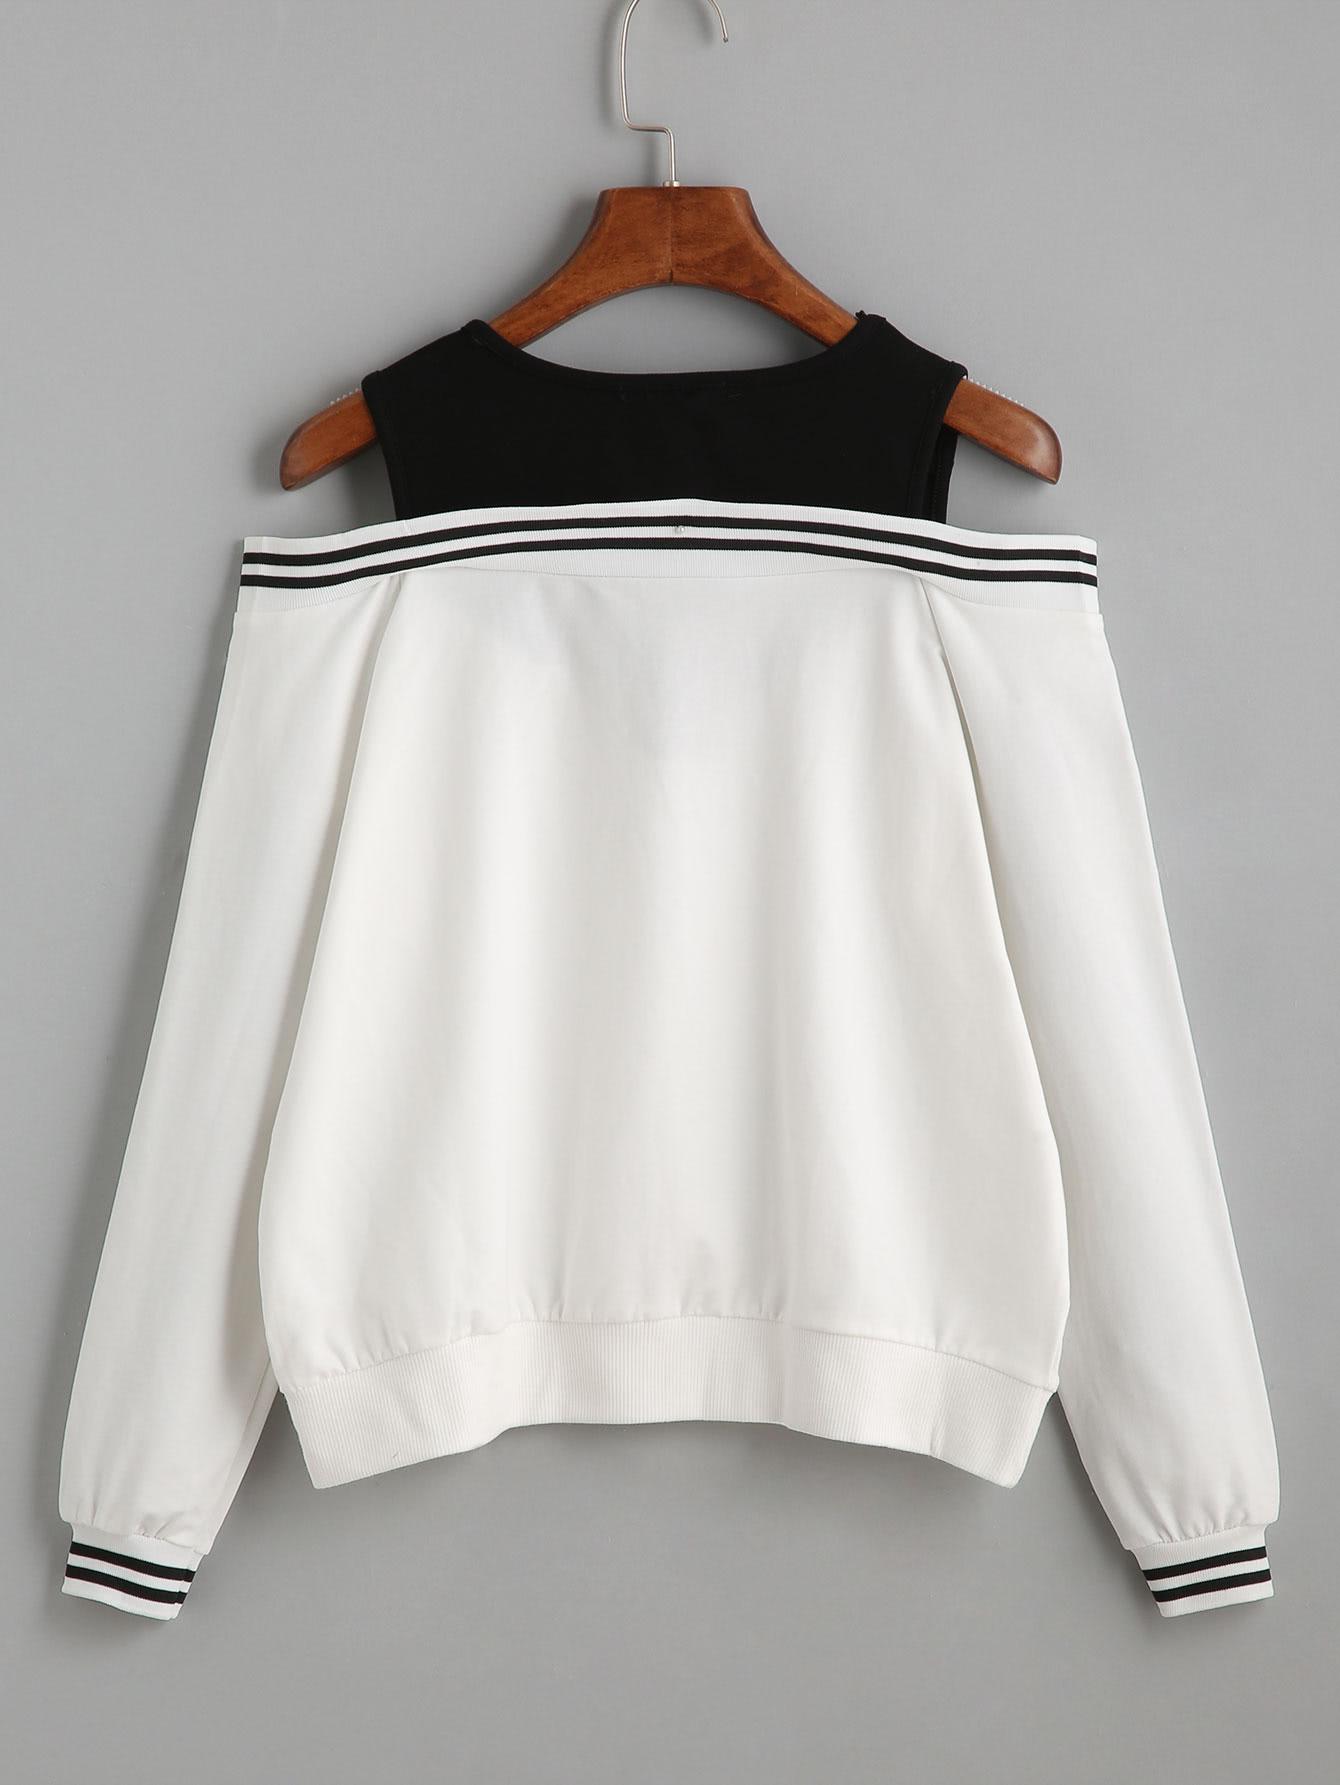 sweatshirt160812021_2